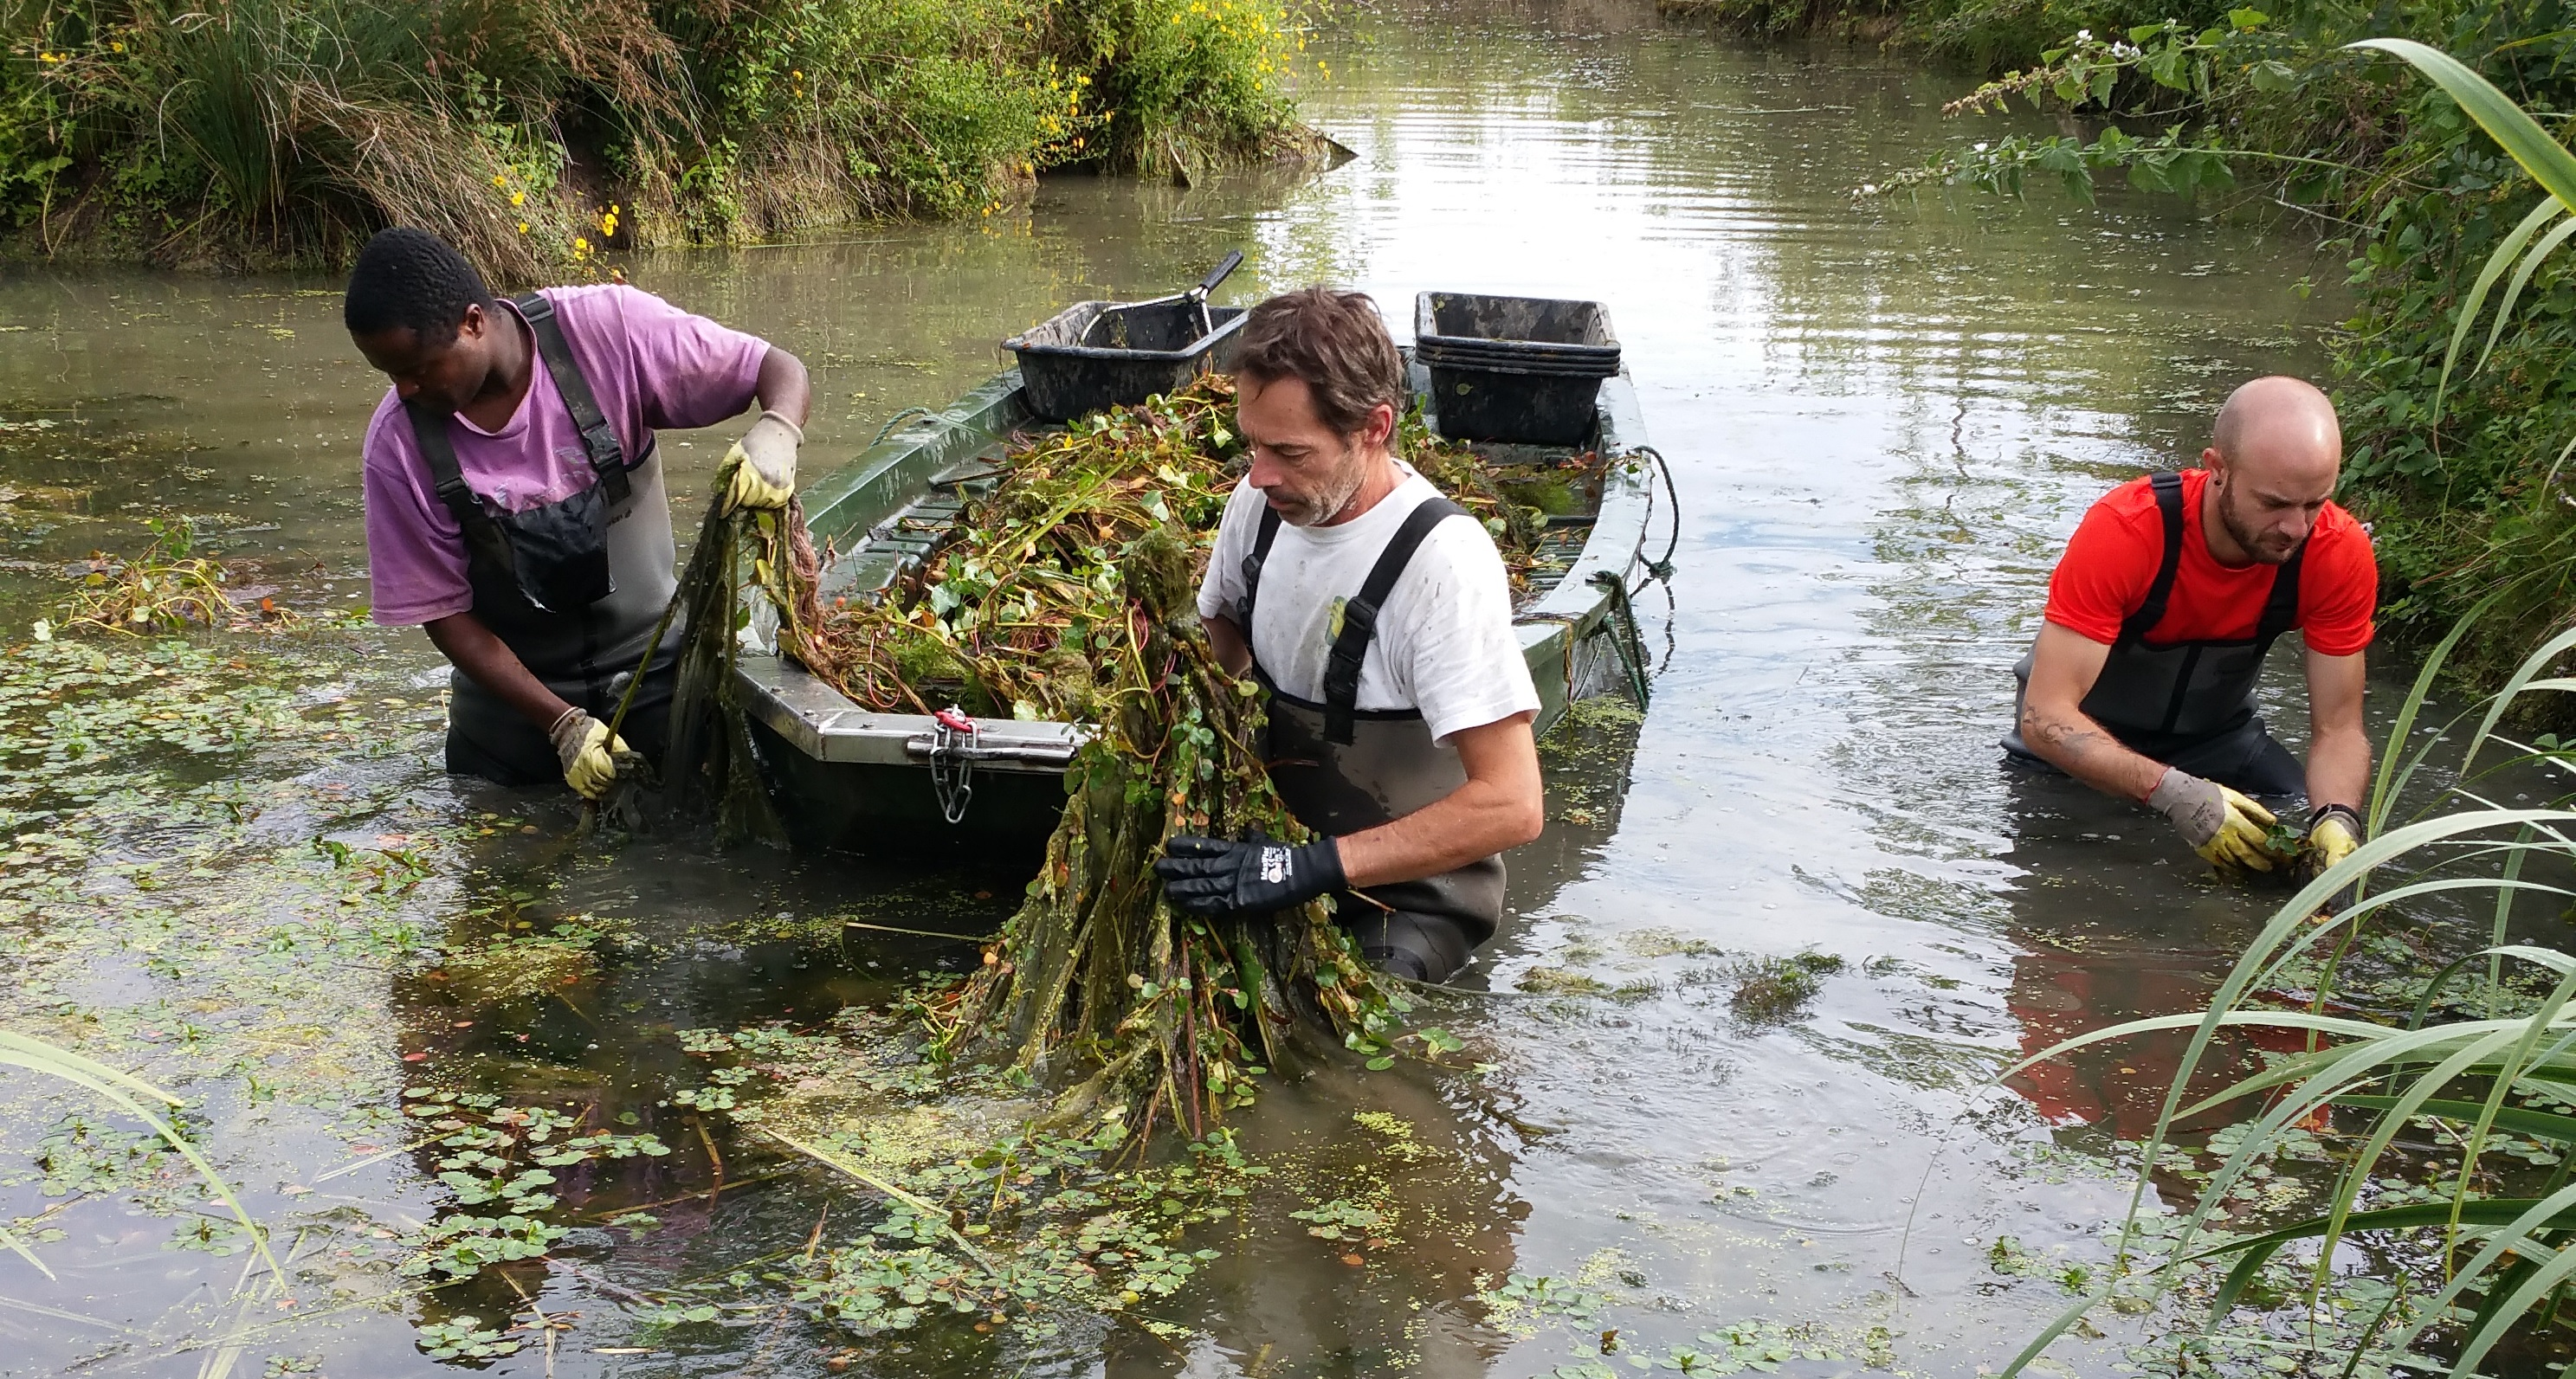 la jussie envahie les cours d'eau, c'est à la main qu'ils sont désengorgés